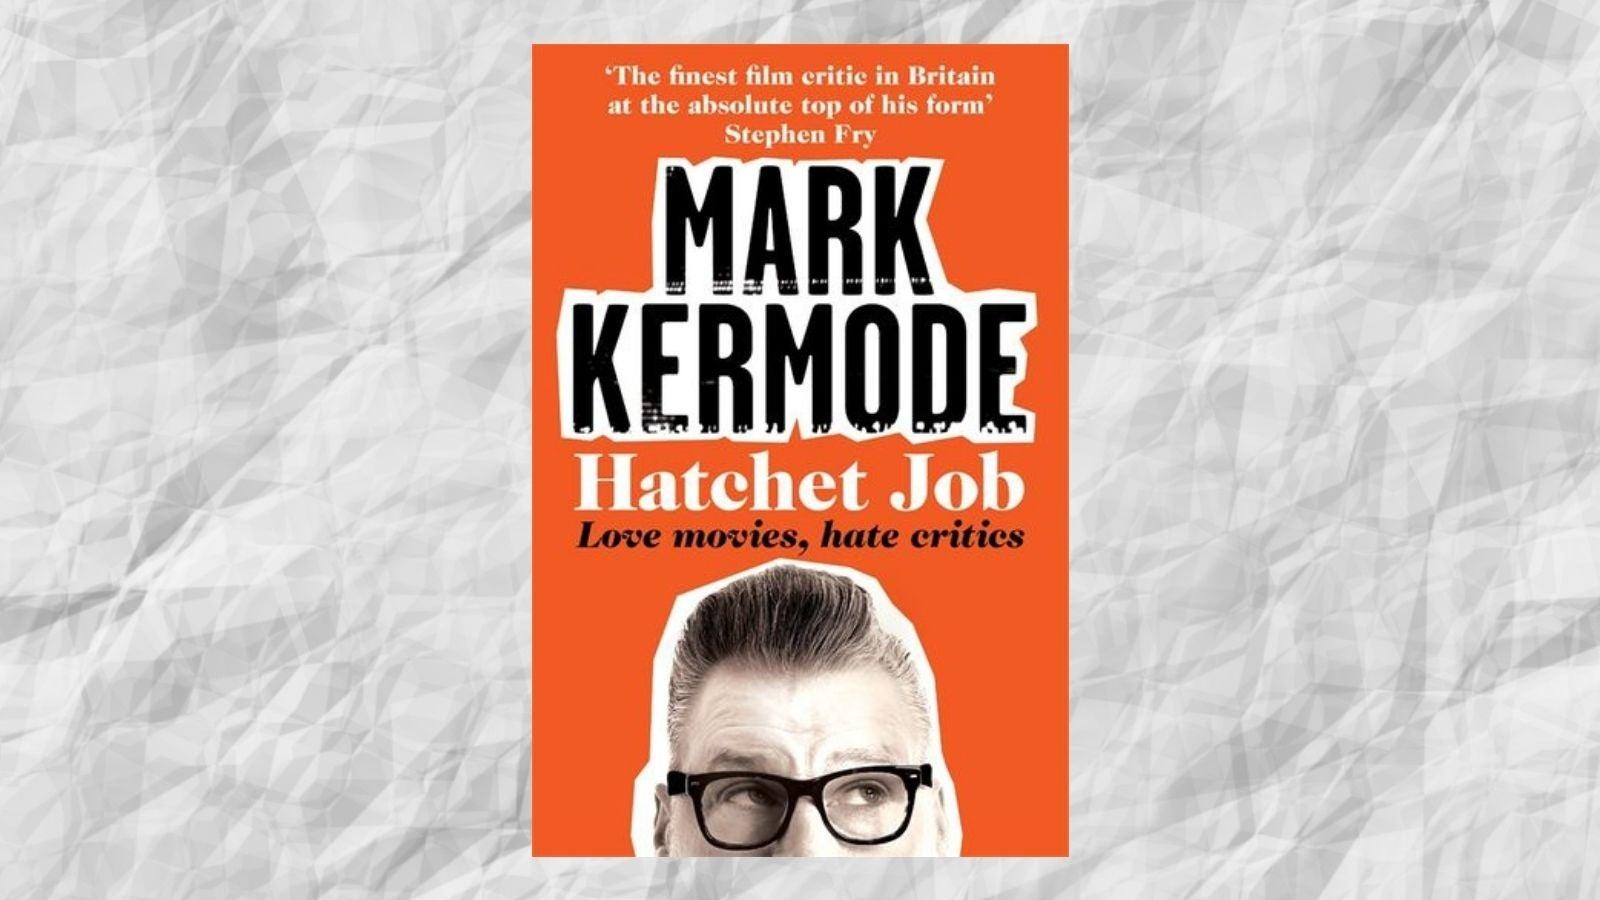 Mark Kermode Hatchet Job Book